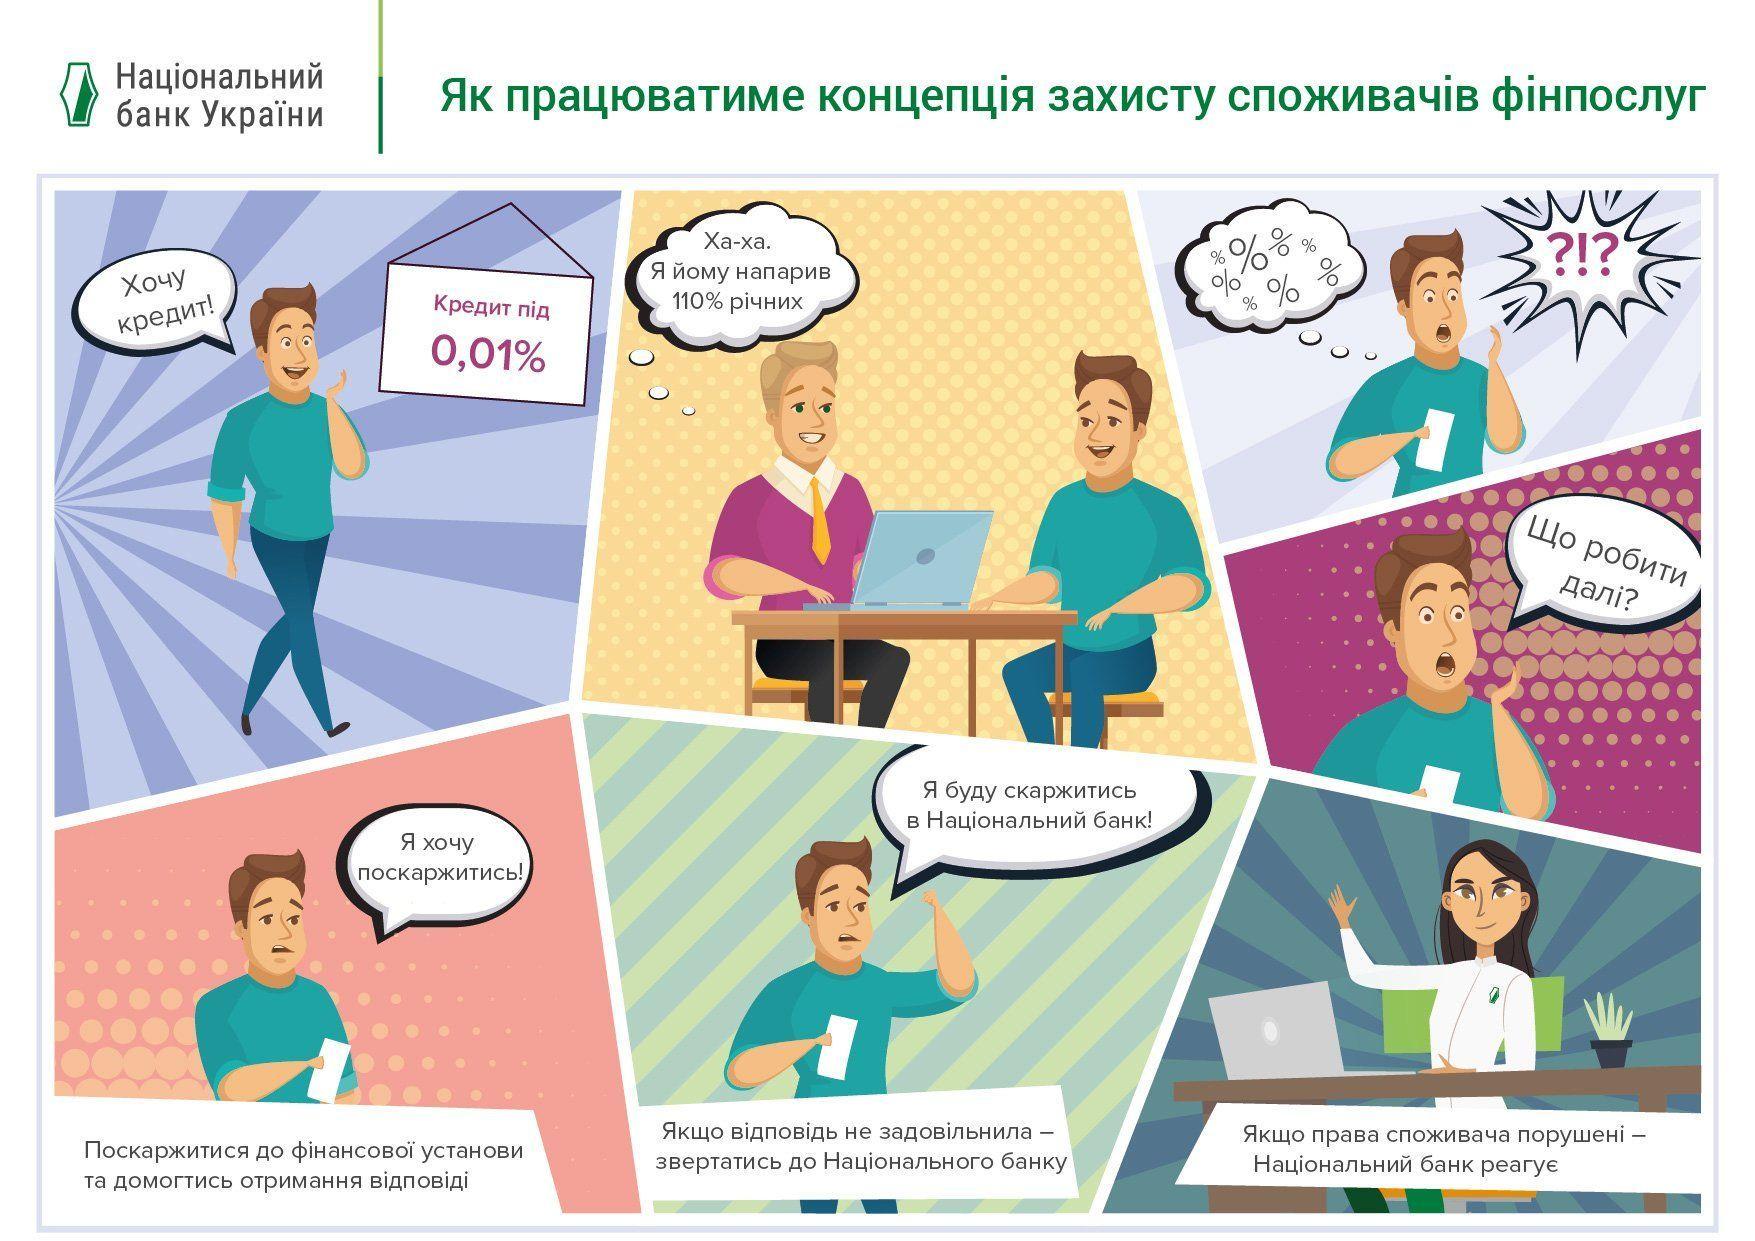 НБУ захищатиме права споживачів фінпослуг